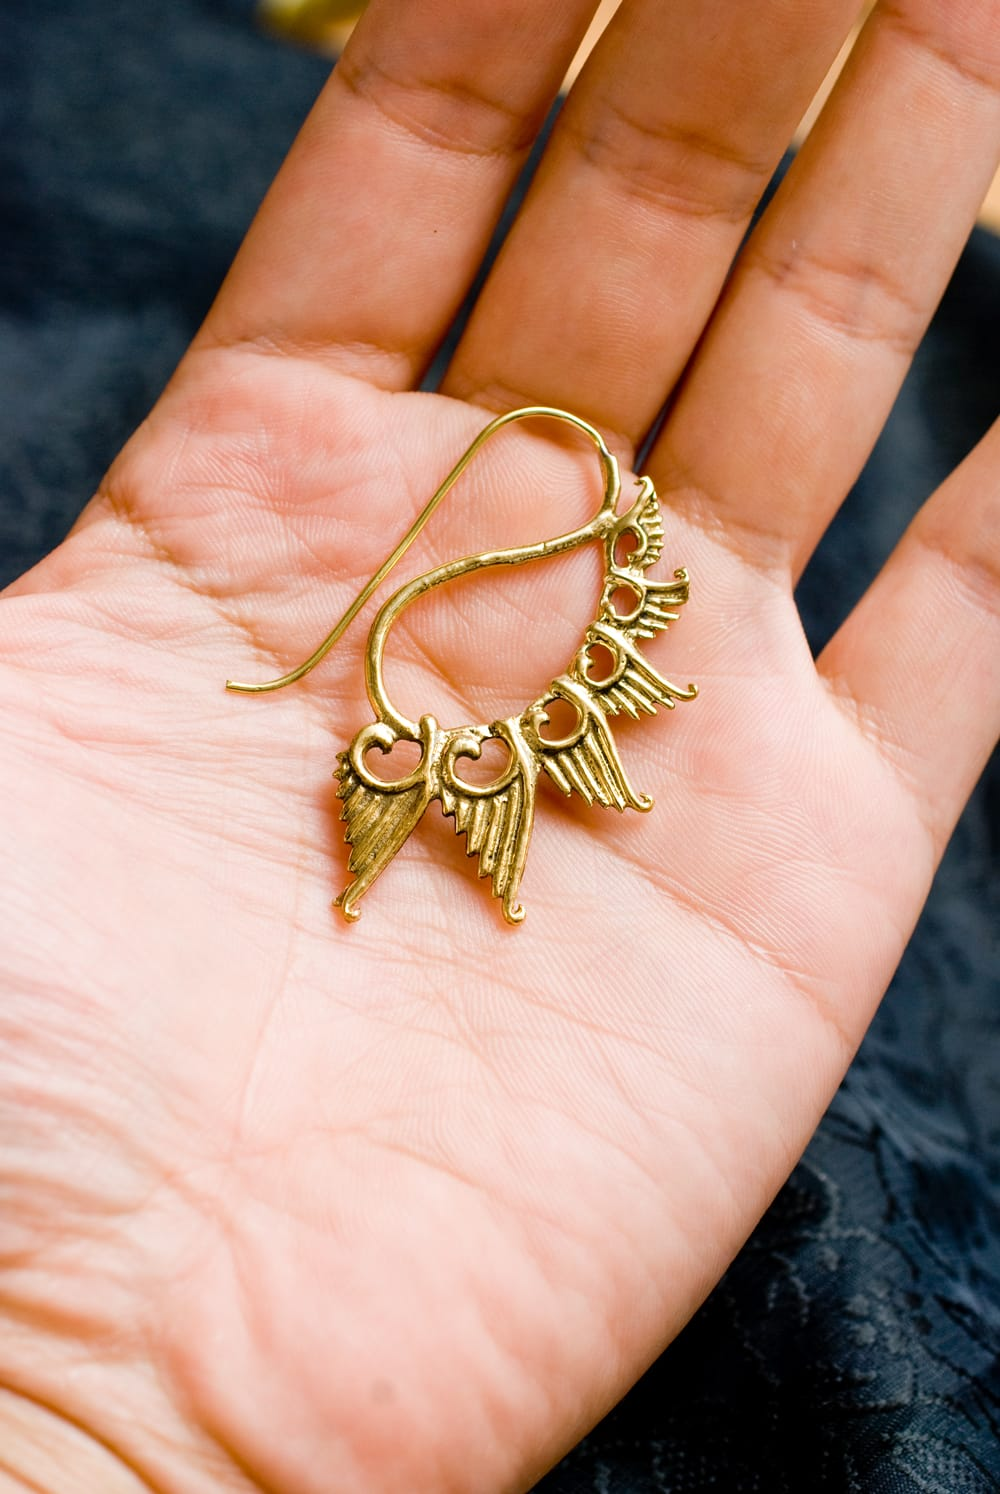 くじゃく羽根の艶めきゴールドピアス 5 - 手に乗せるとこのようなサイズです